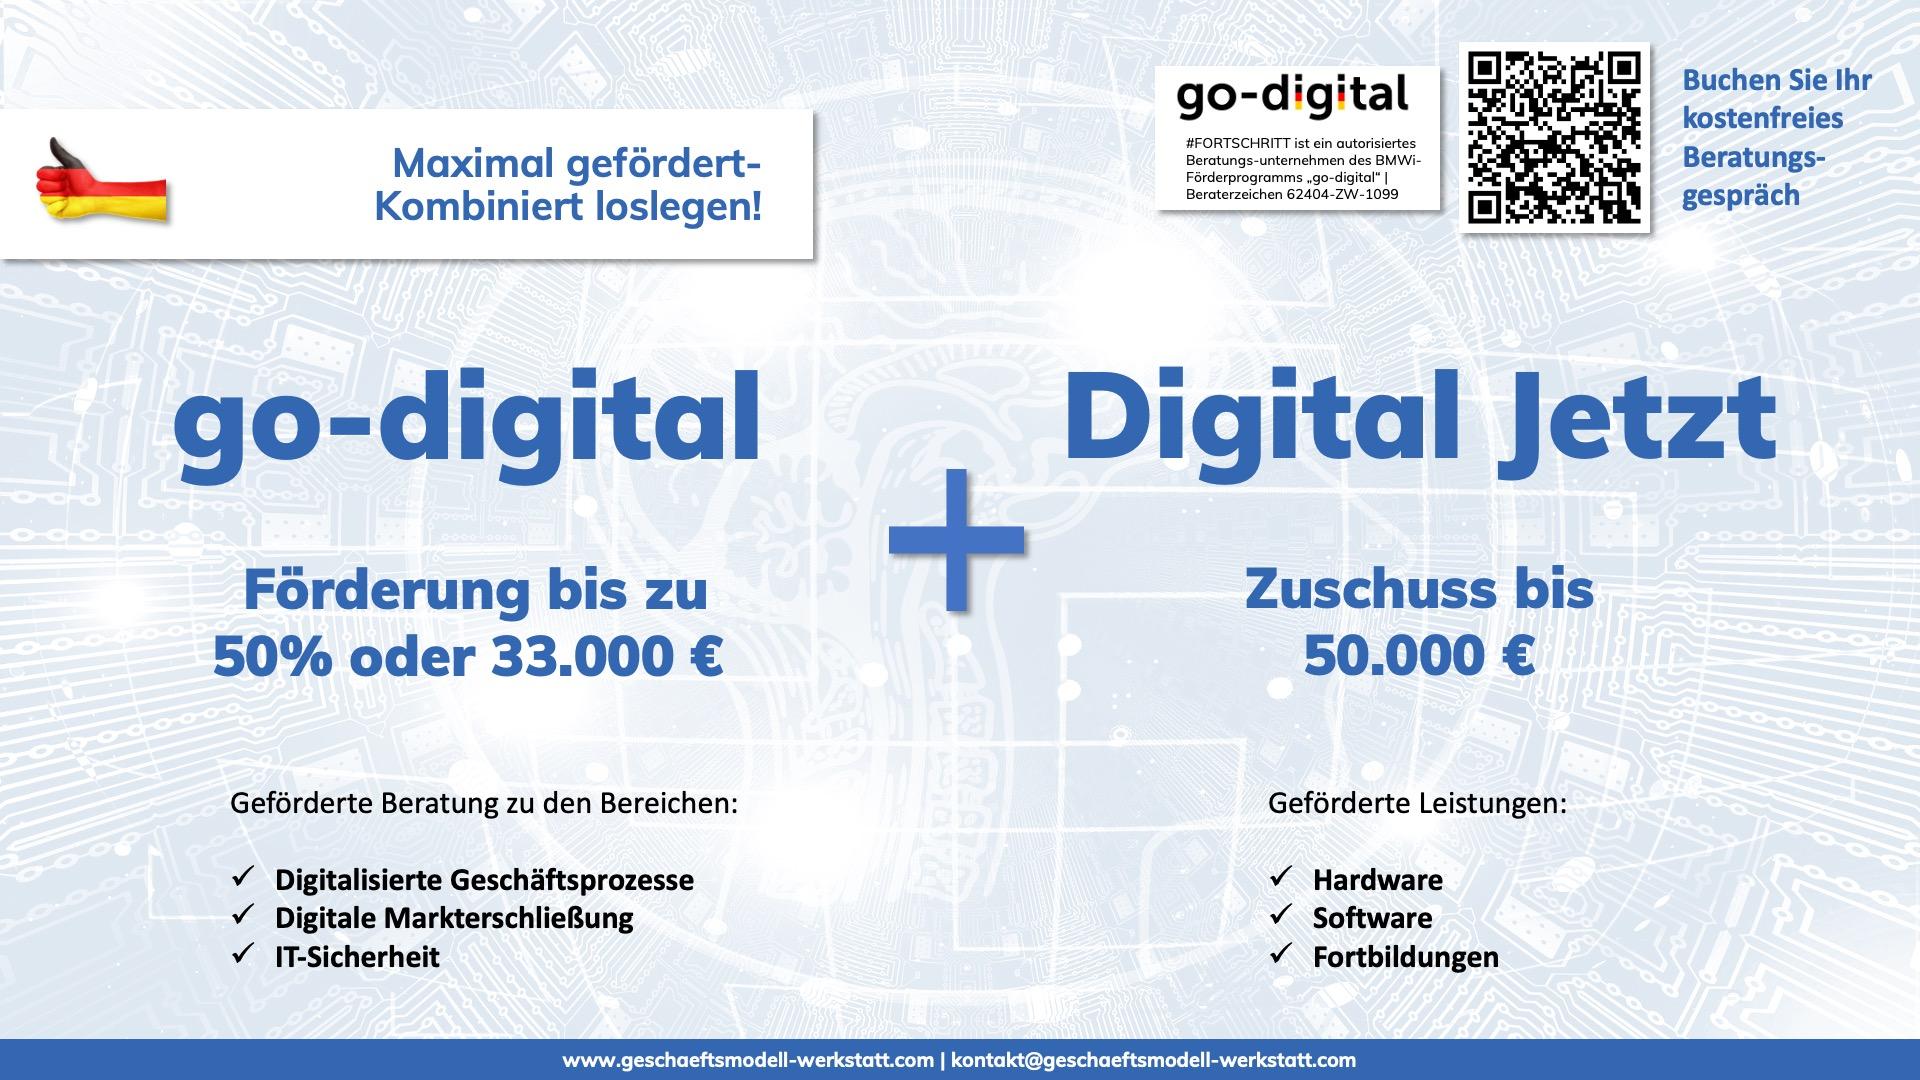 Digital Jetzt und go-digital